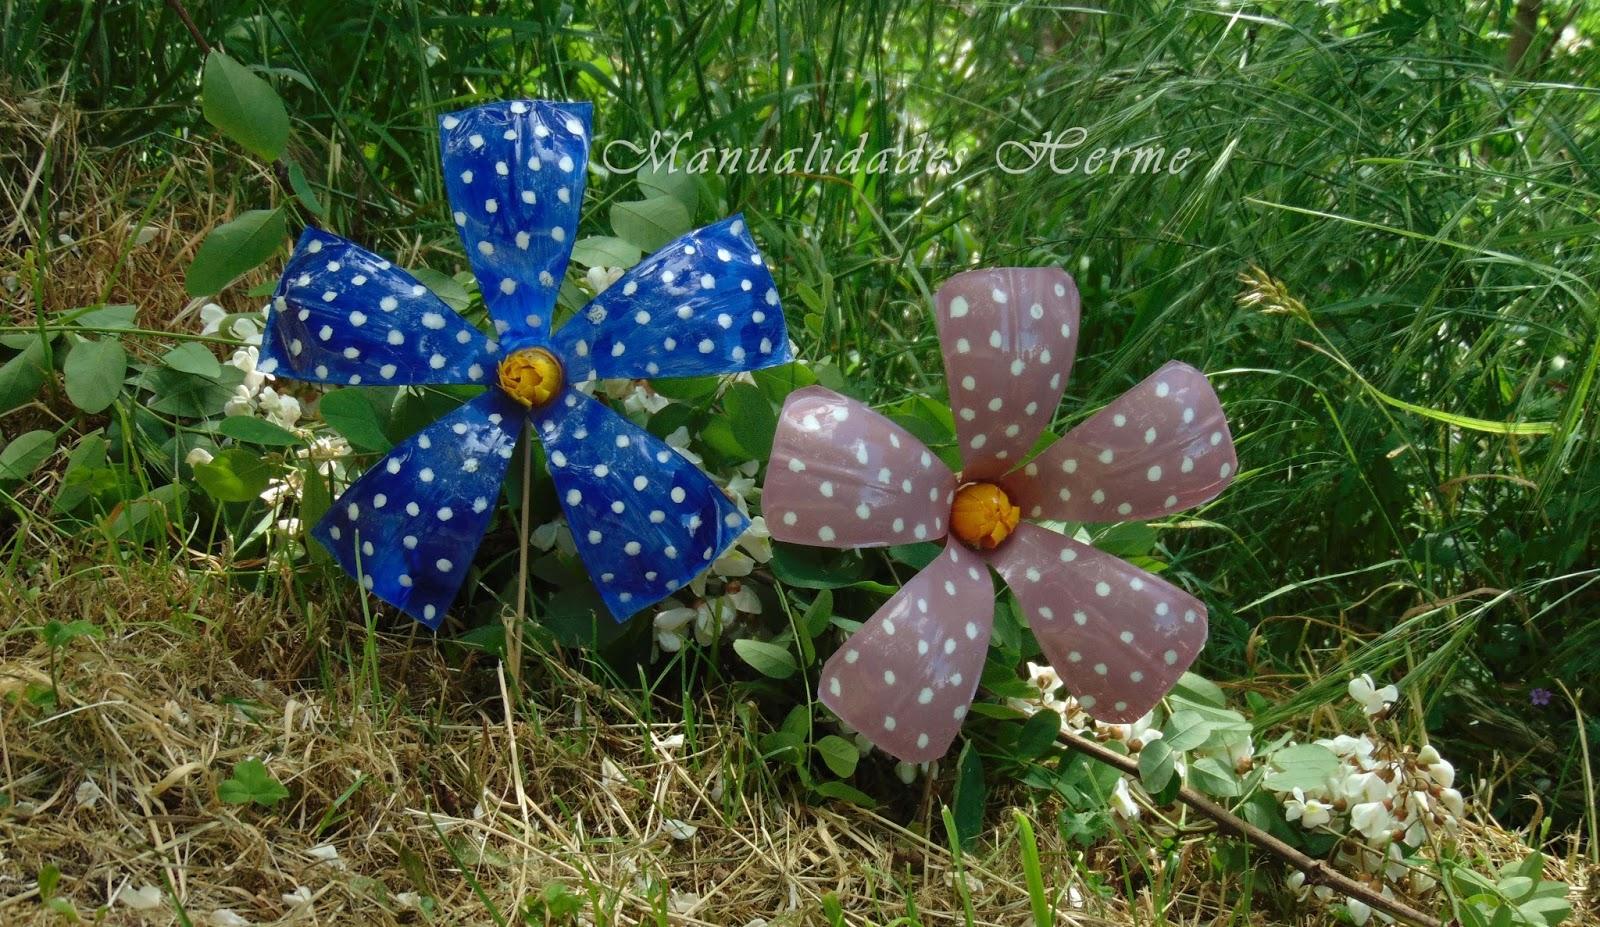 Manualidades herme como hacer flores con botellas for Adornos jardin